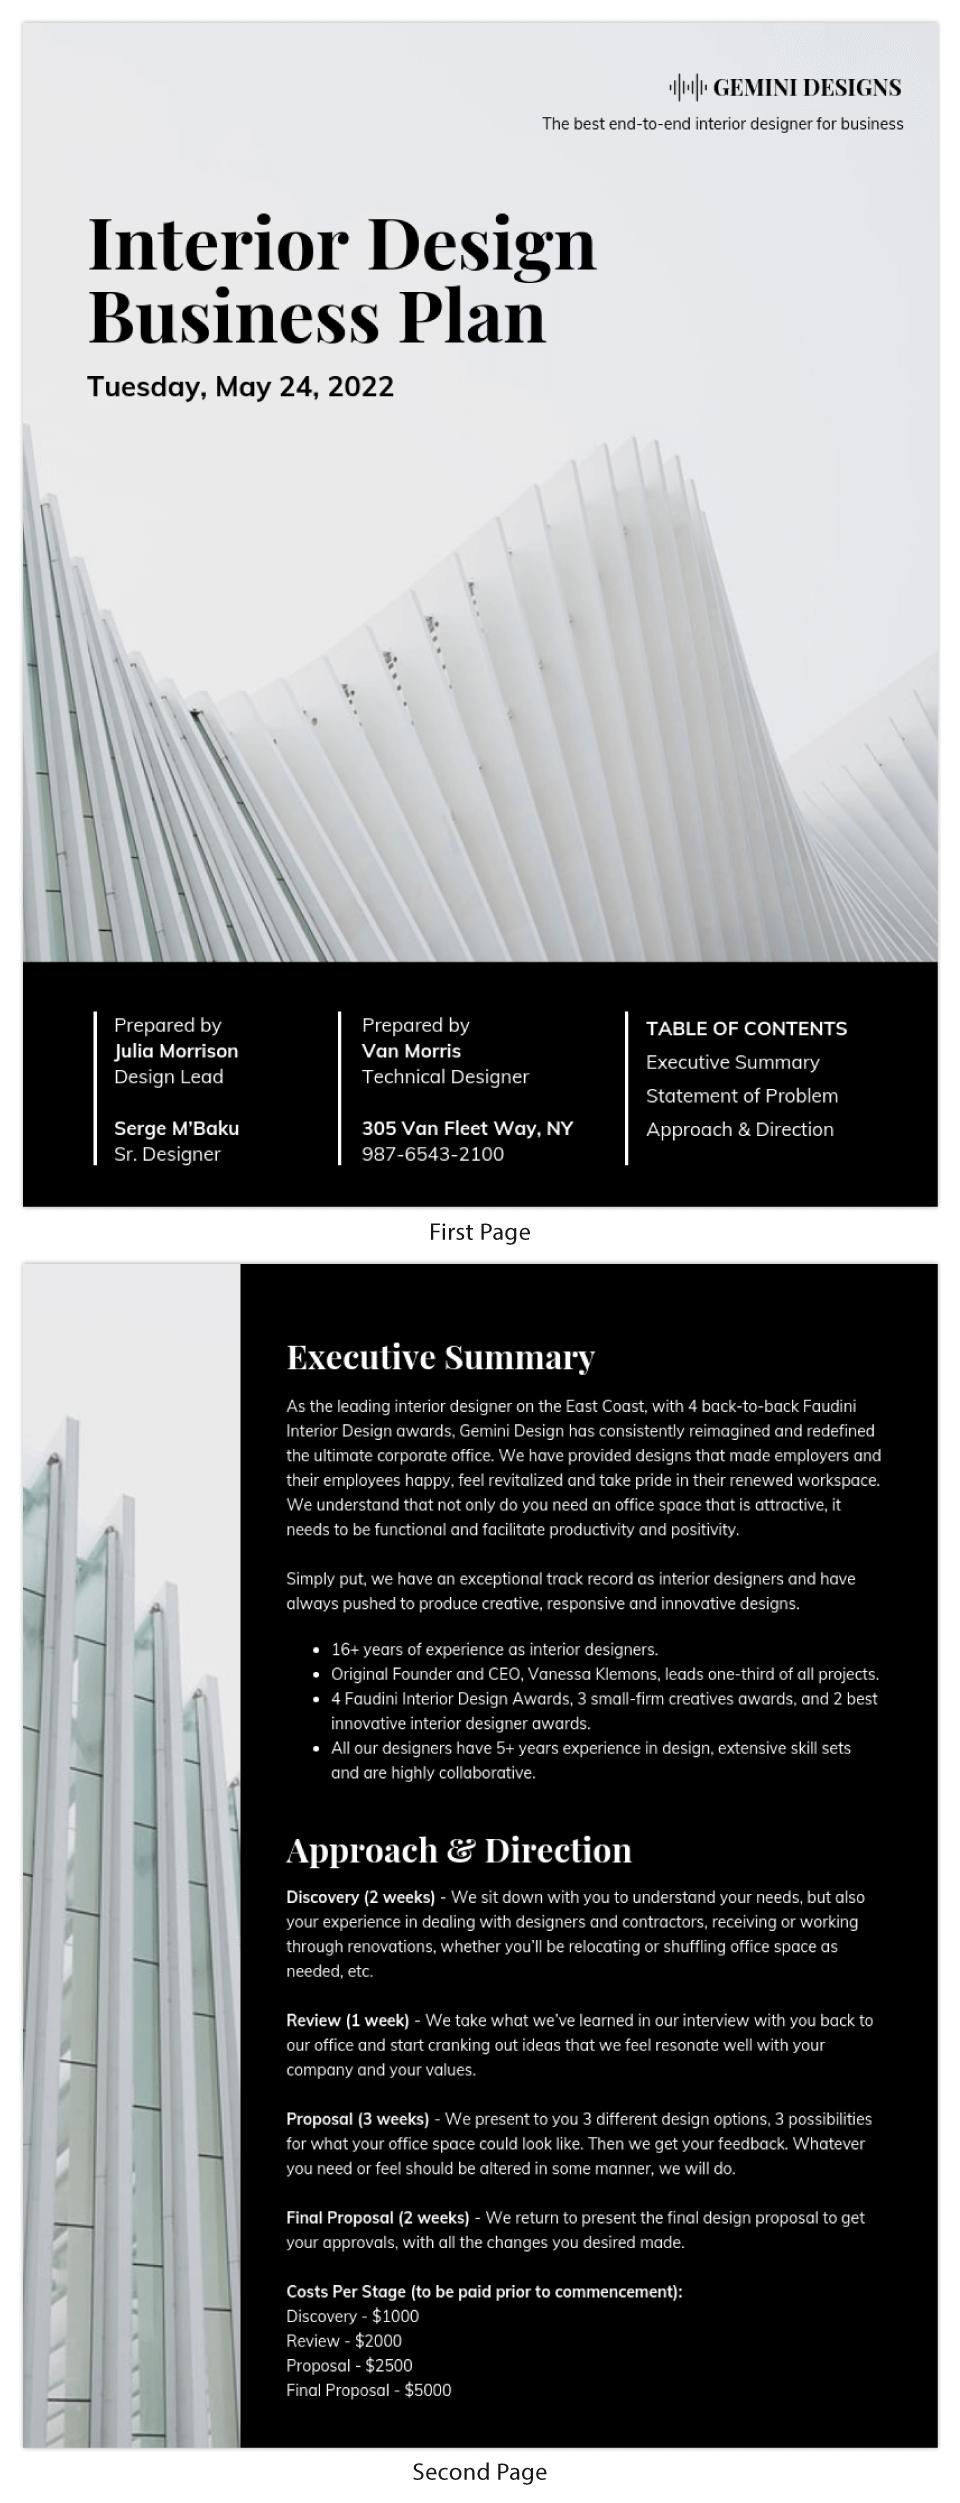 Dark Interior Design Business Plan Template